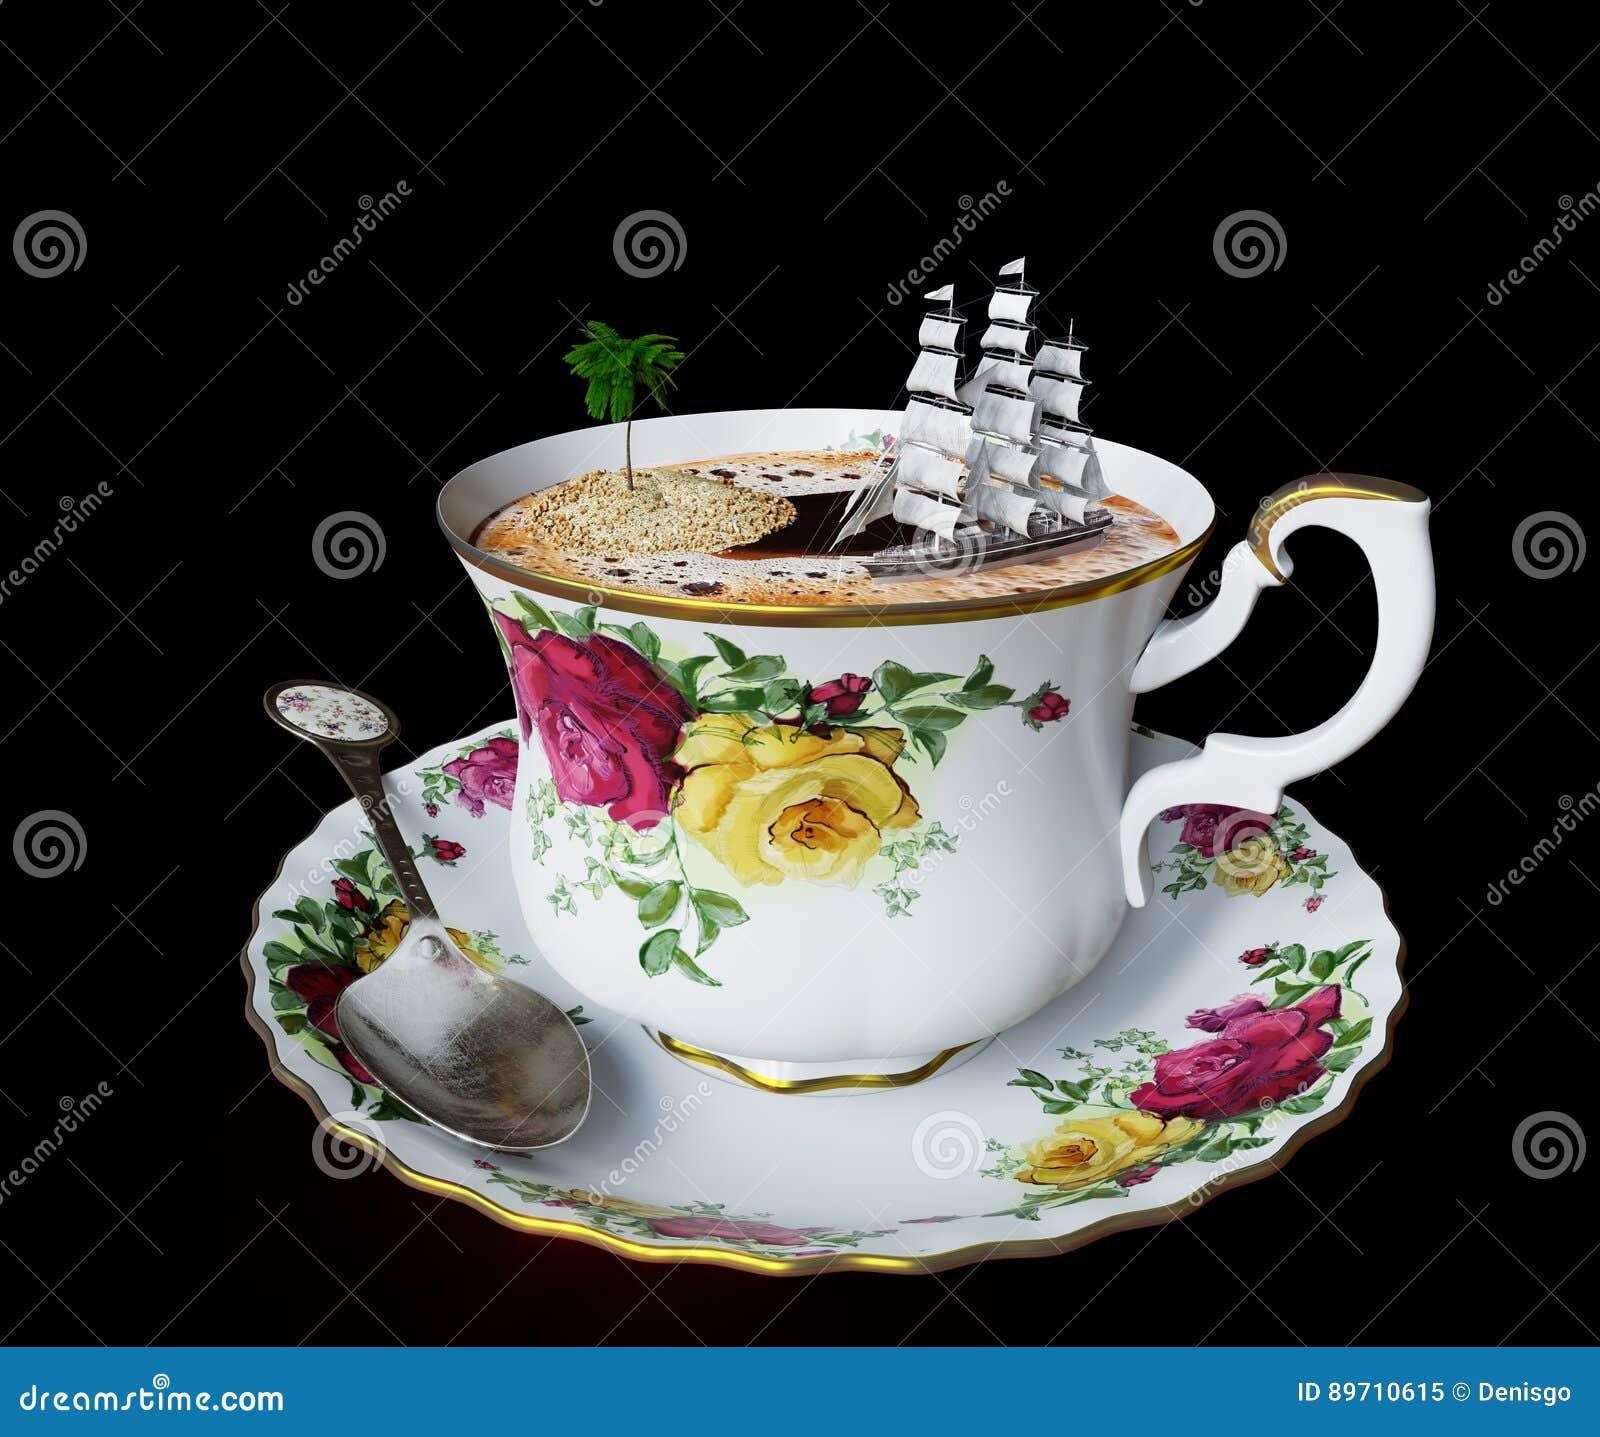 απομονώστε ακόμα τη ζωή με το φλυτζάνι καφέ και τη στενή επάνω φωτογραφία διακοπών χαλάρωσης έννοιας βαρκών παιχνιδιών